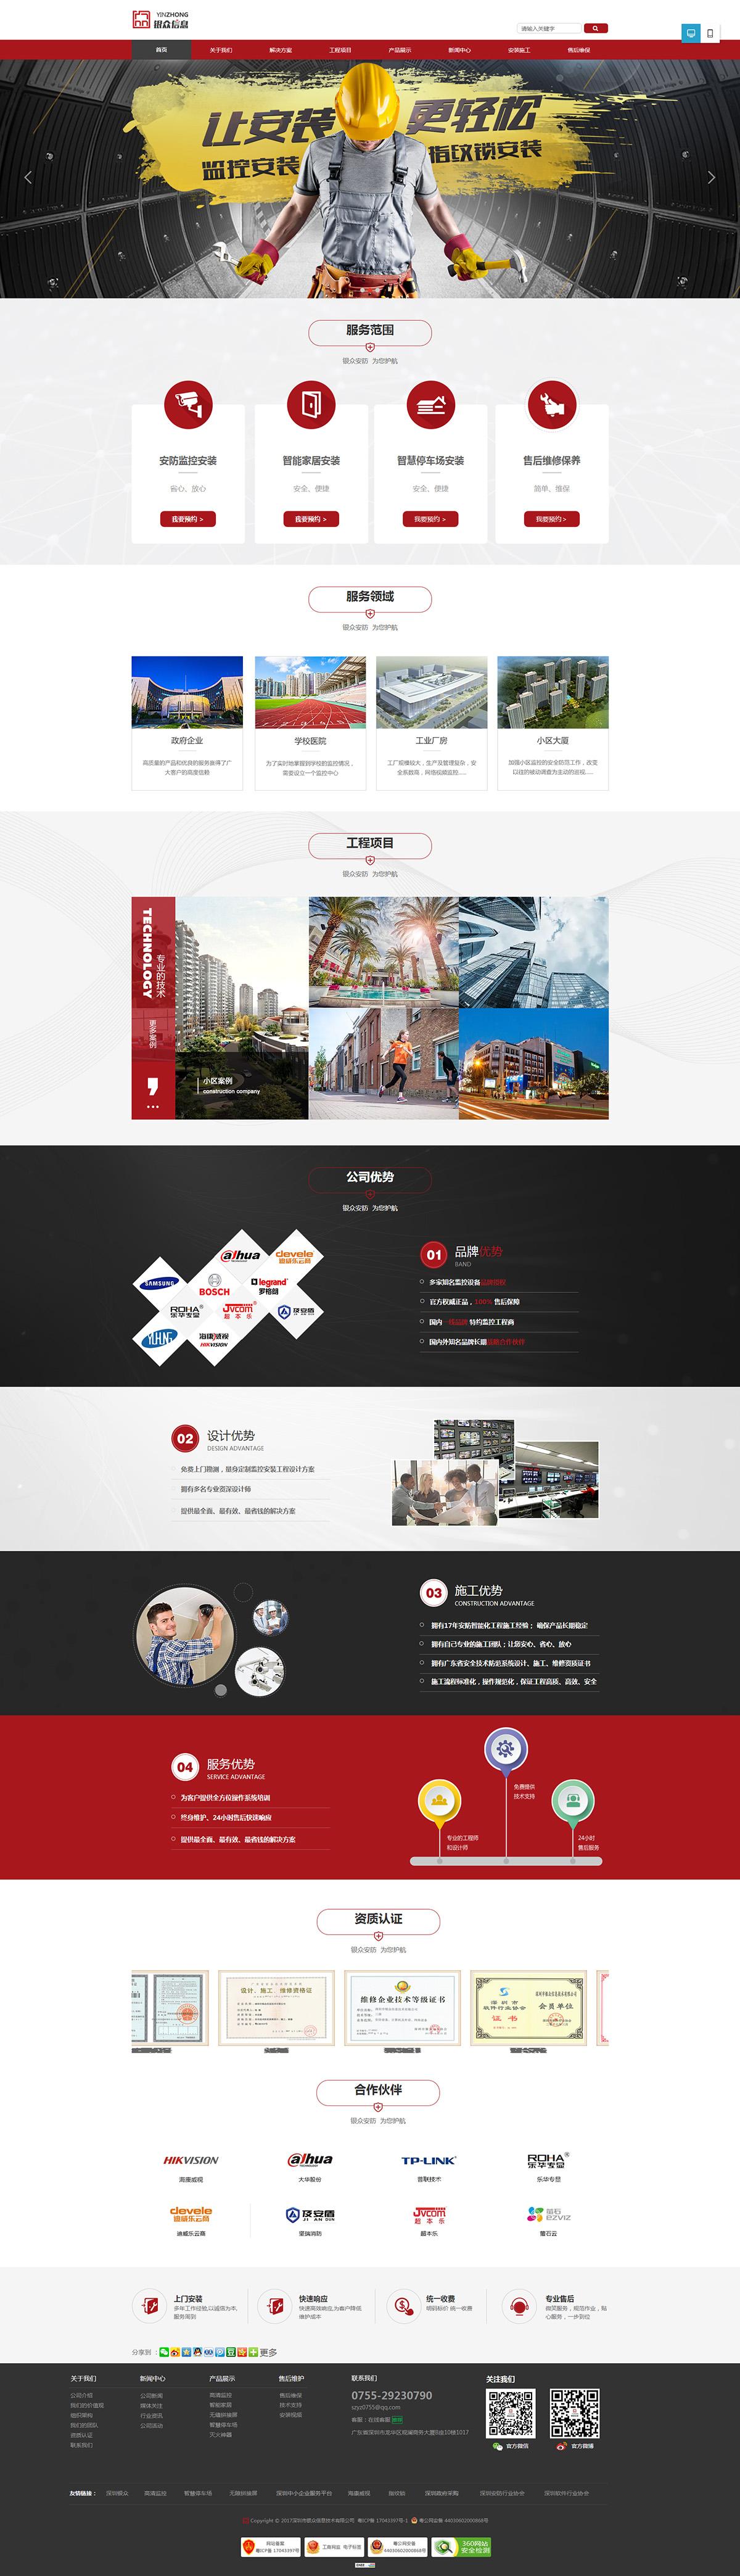 深圳市银众信息技术有限公司_首页